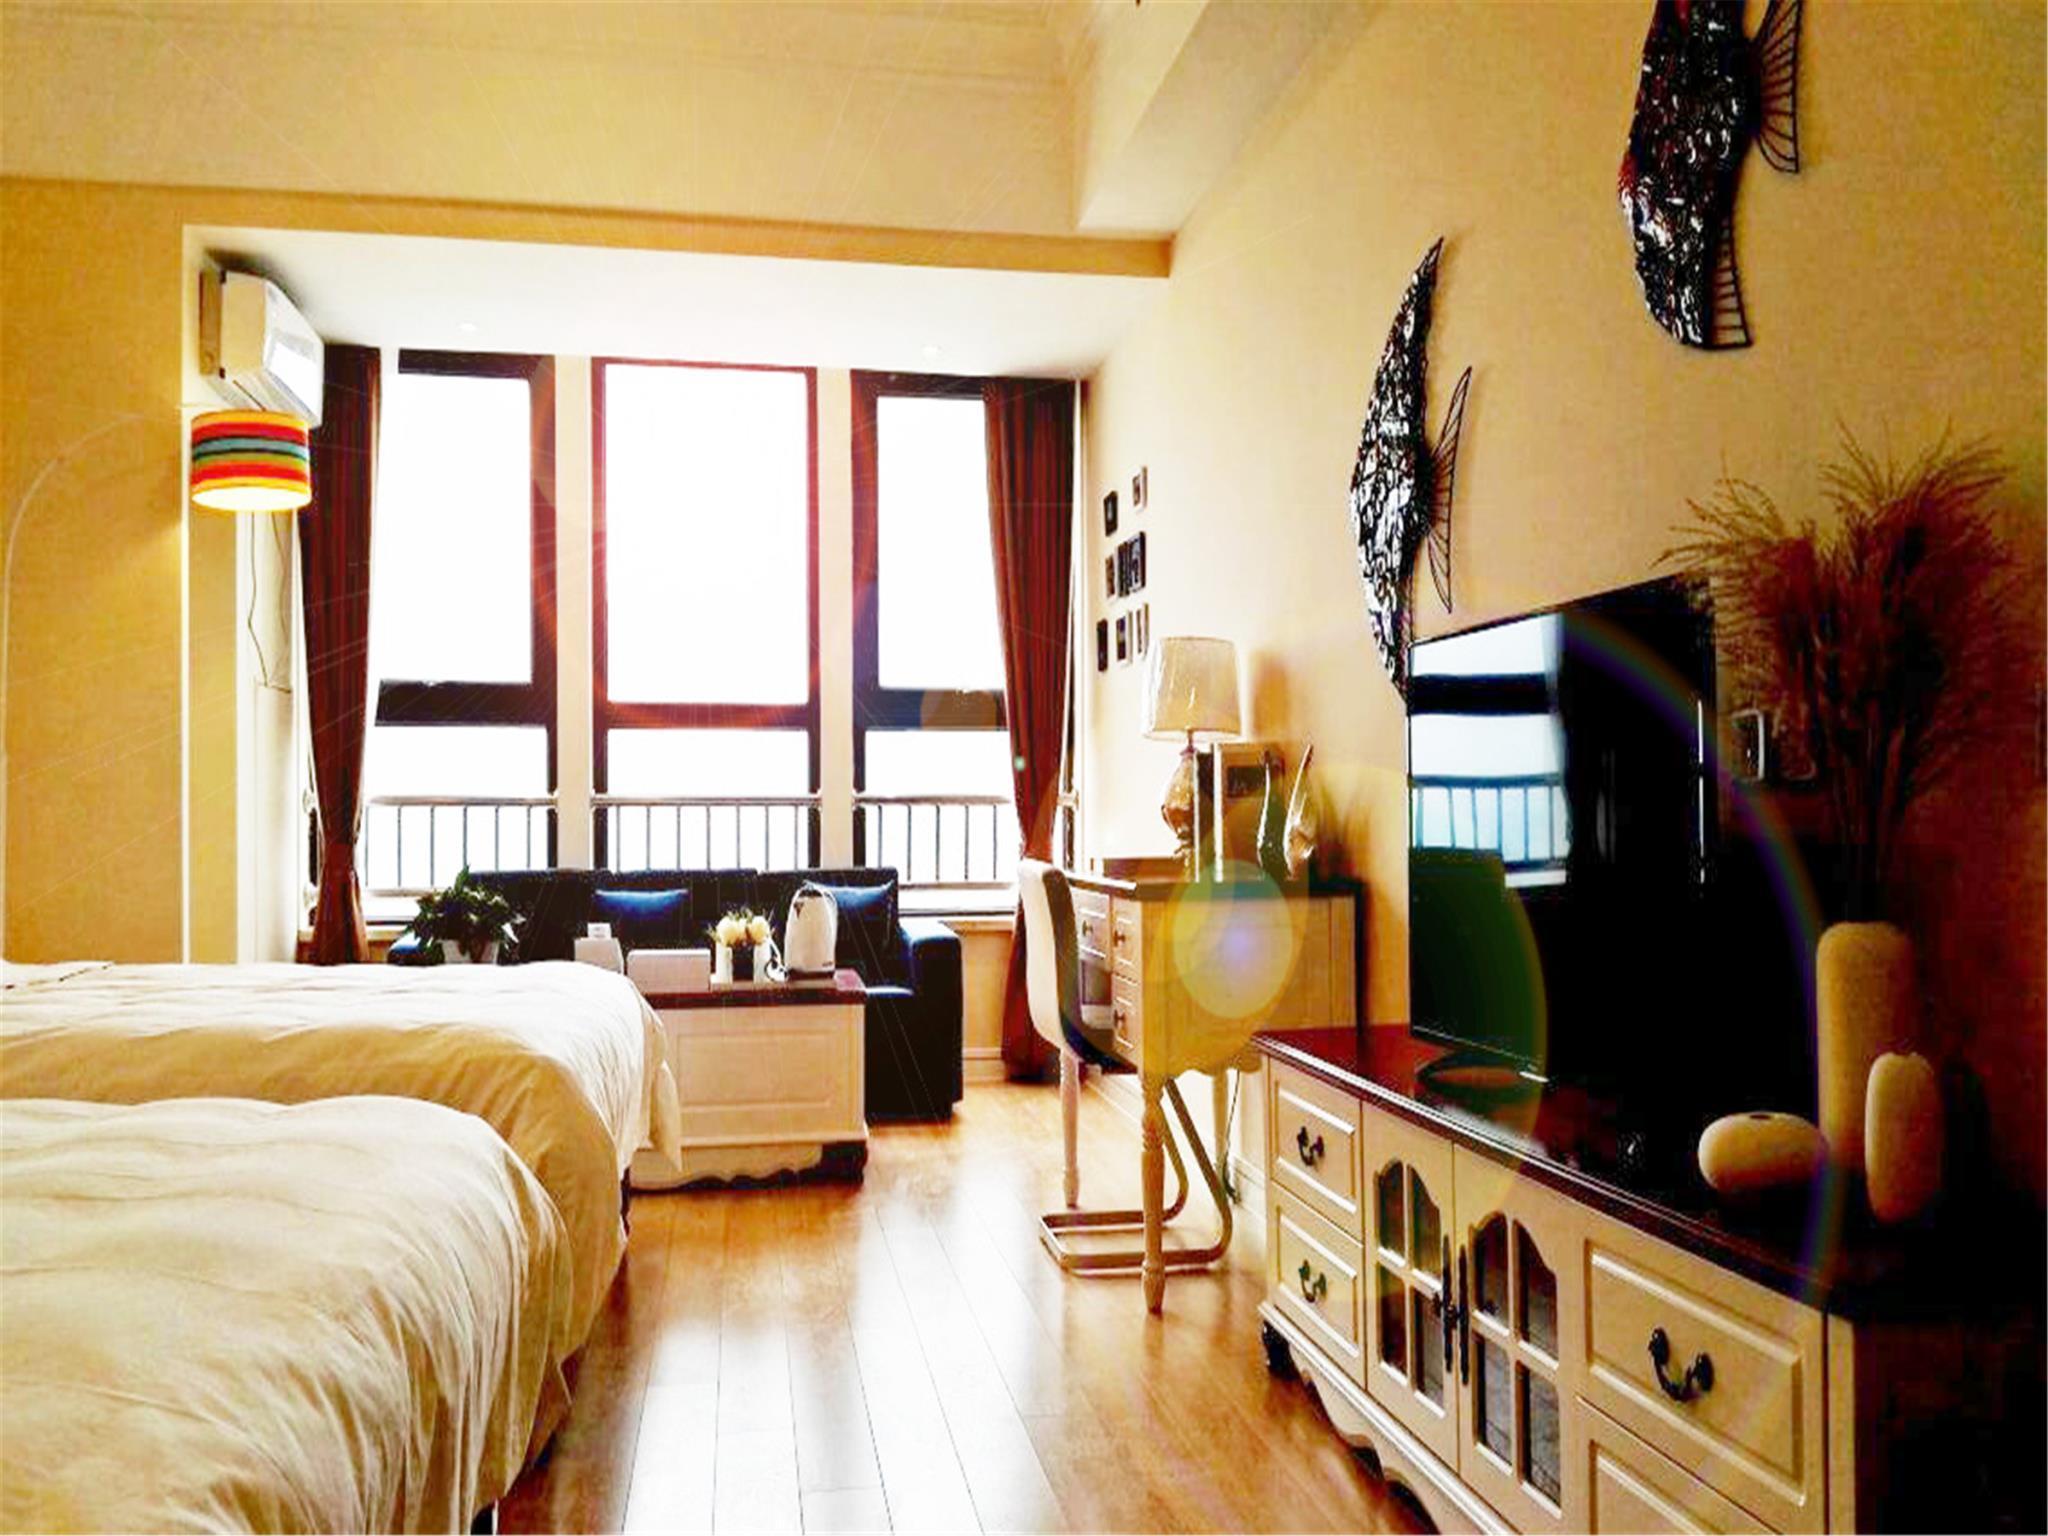 Qingdao Getoom Apartment, Qingdao